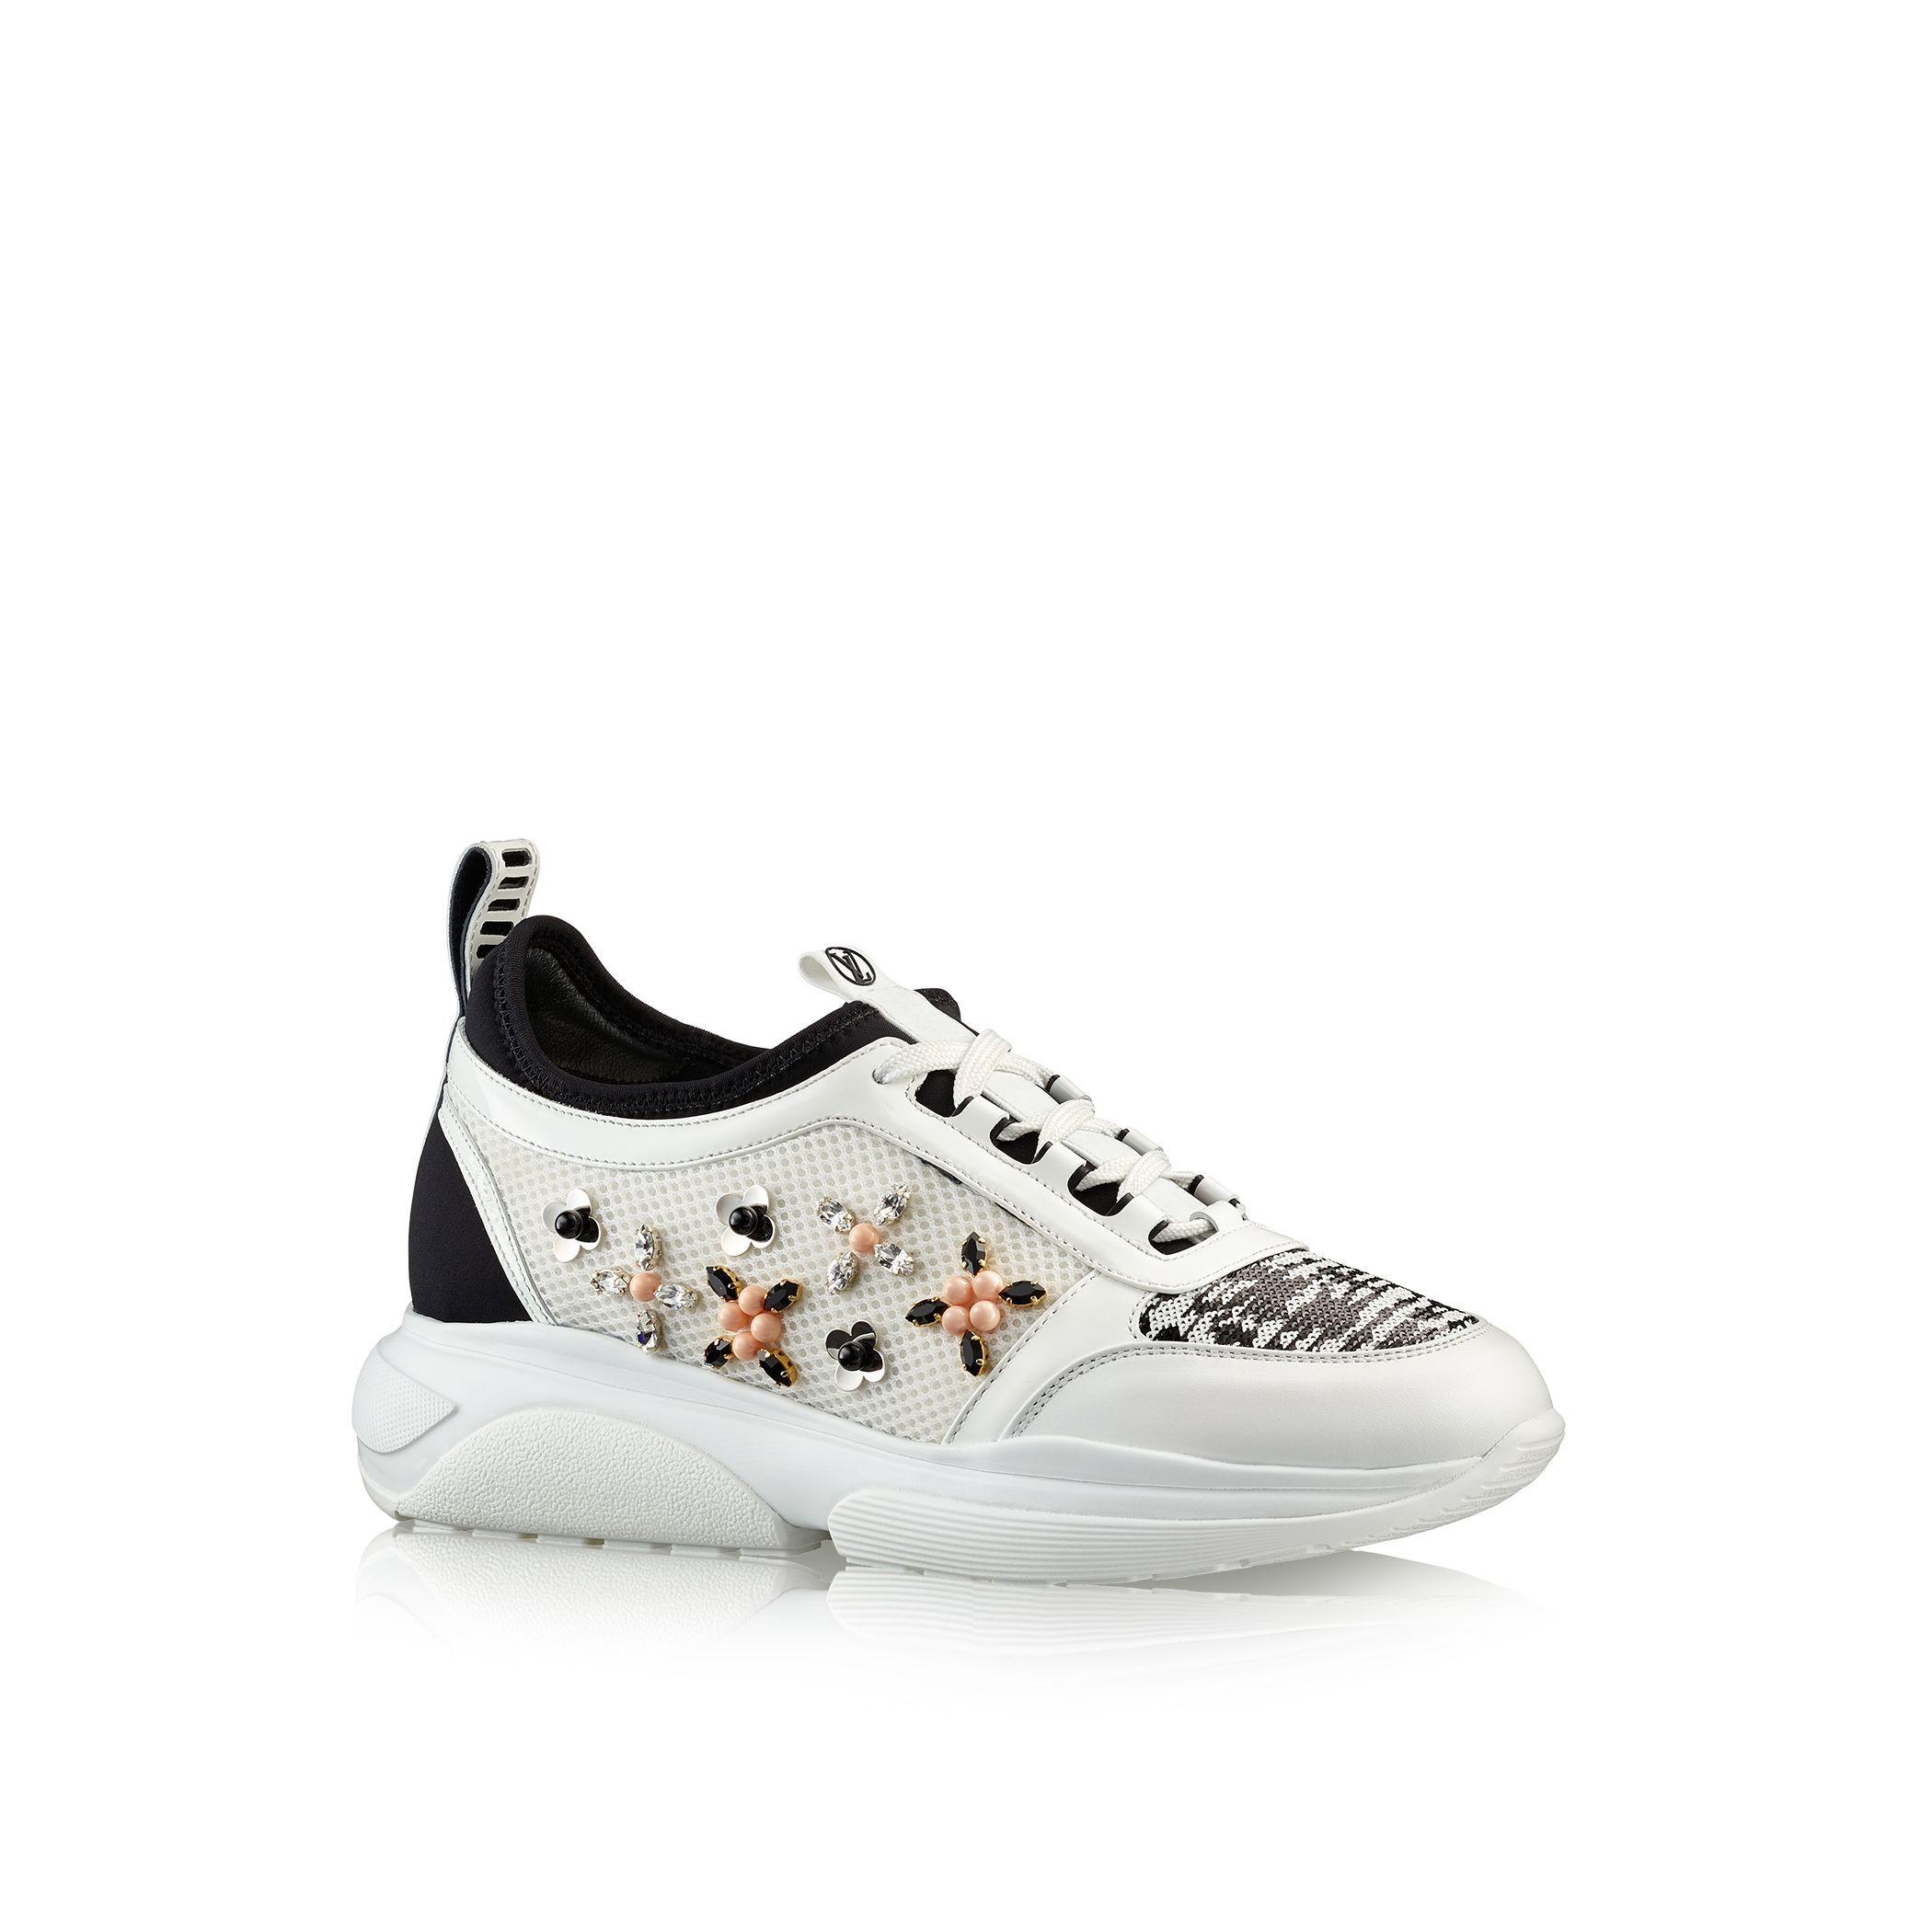 louis vuitton designer shoes. louis-vuitton-heat-sneaker-product-1-879605092-normal.jpeg (2100×2100) | shoes pinterest louis vuitton designer